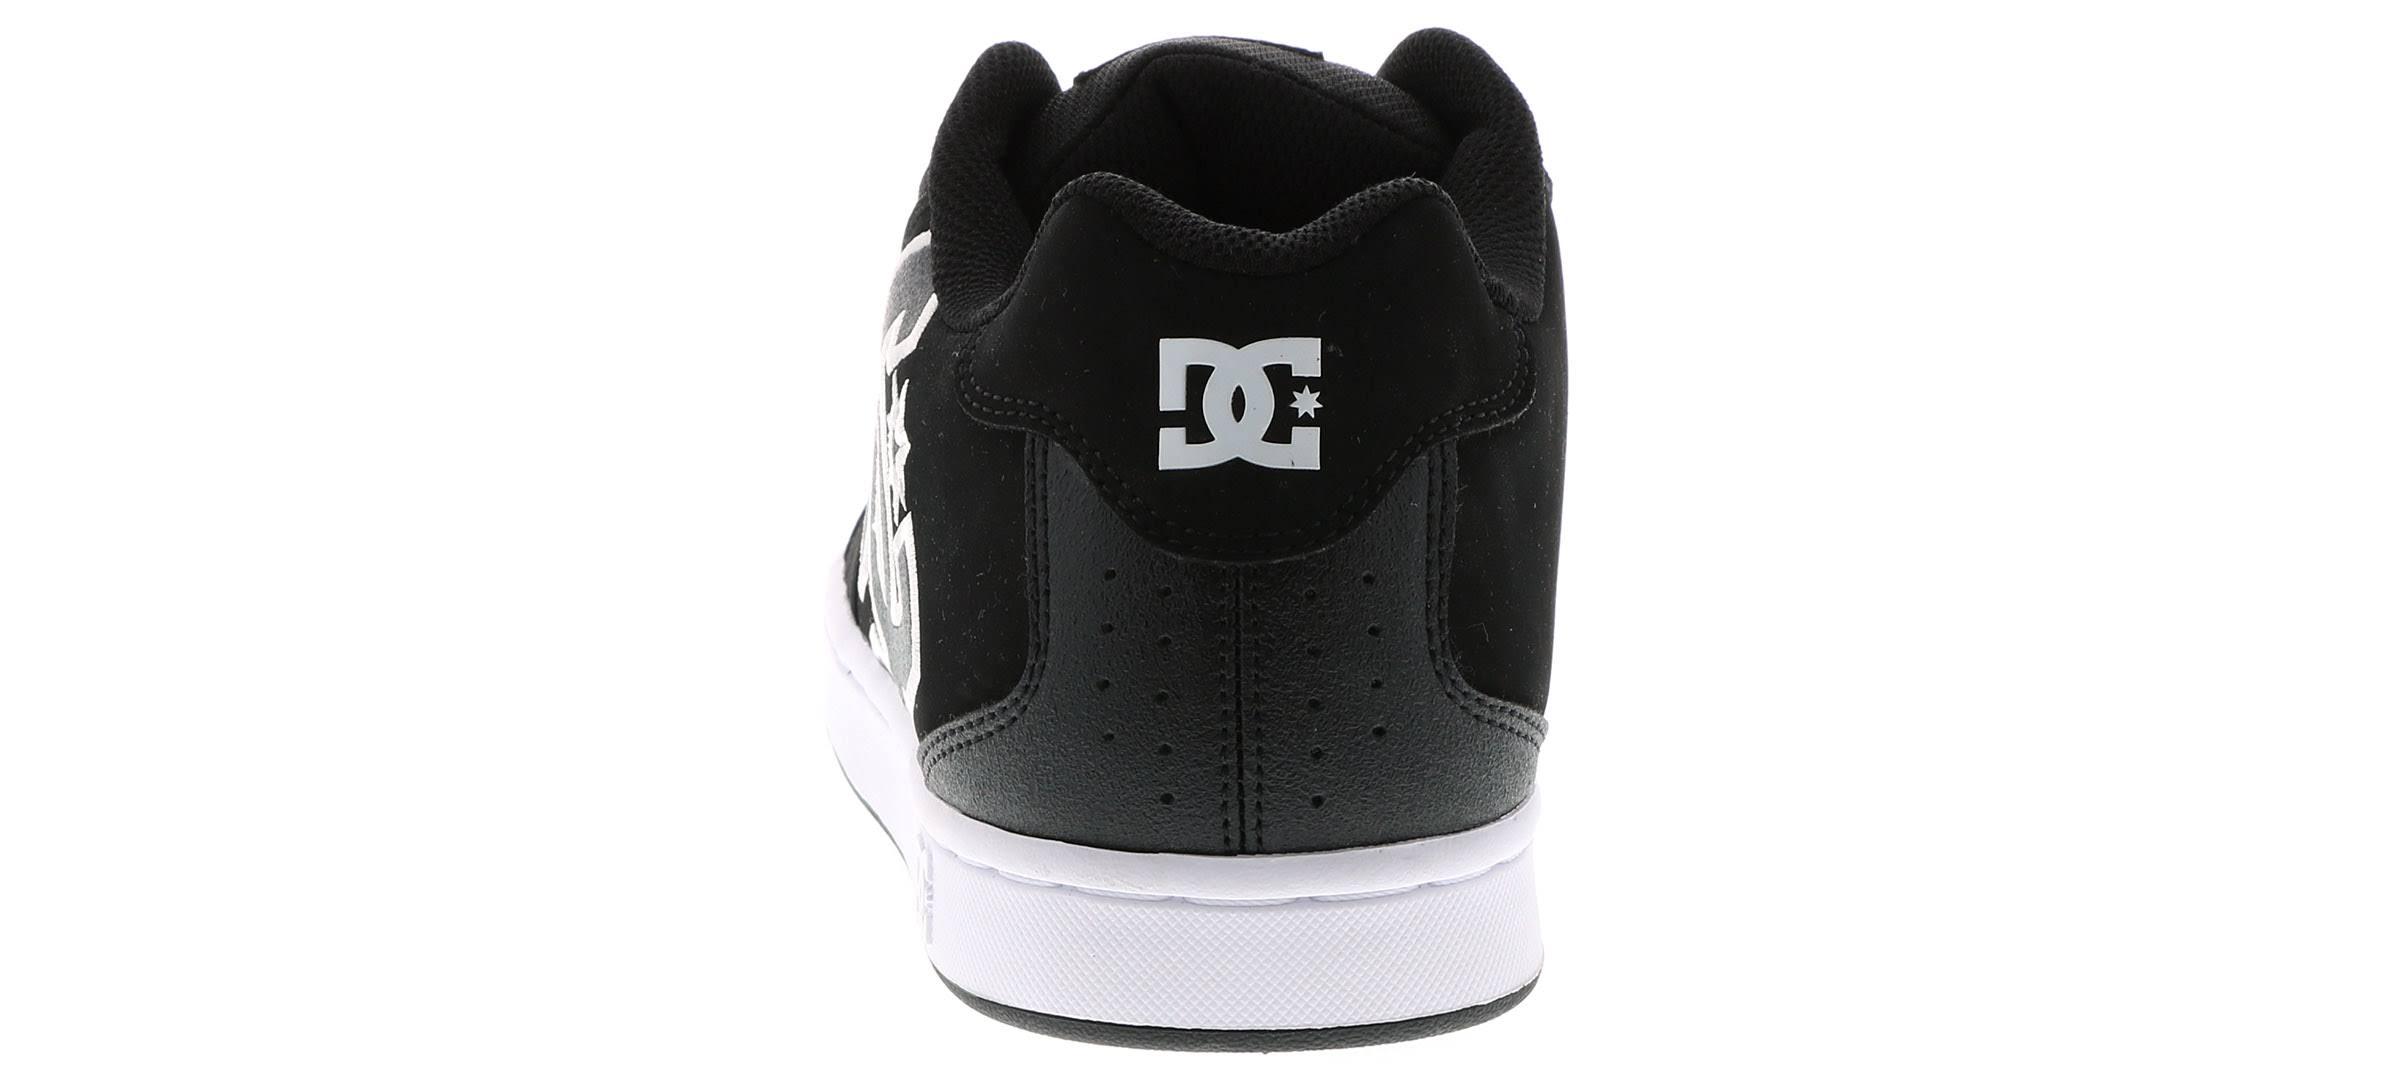 Black 8 Skate white Size Shoes 302361 Dc M Mens Net wqnXRxT8